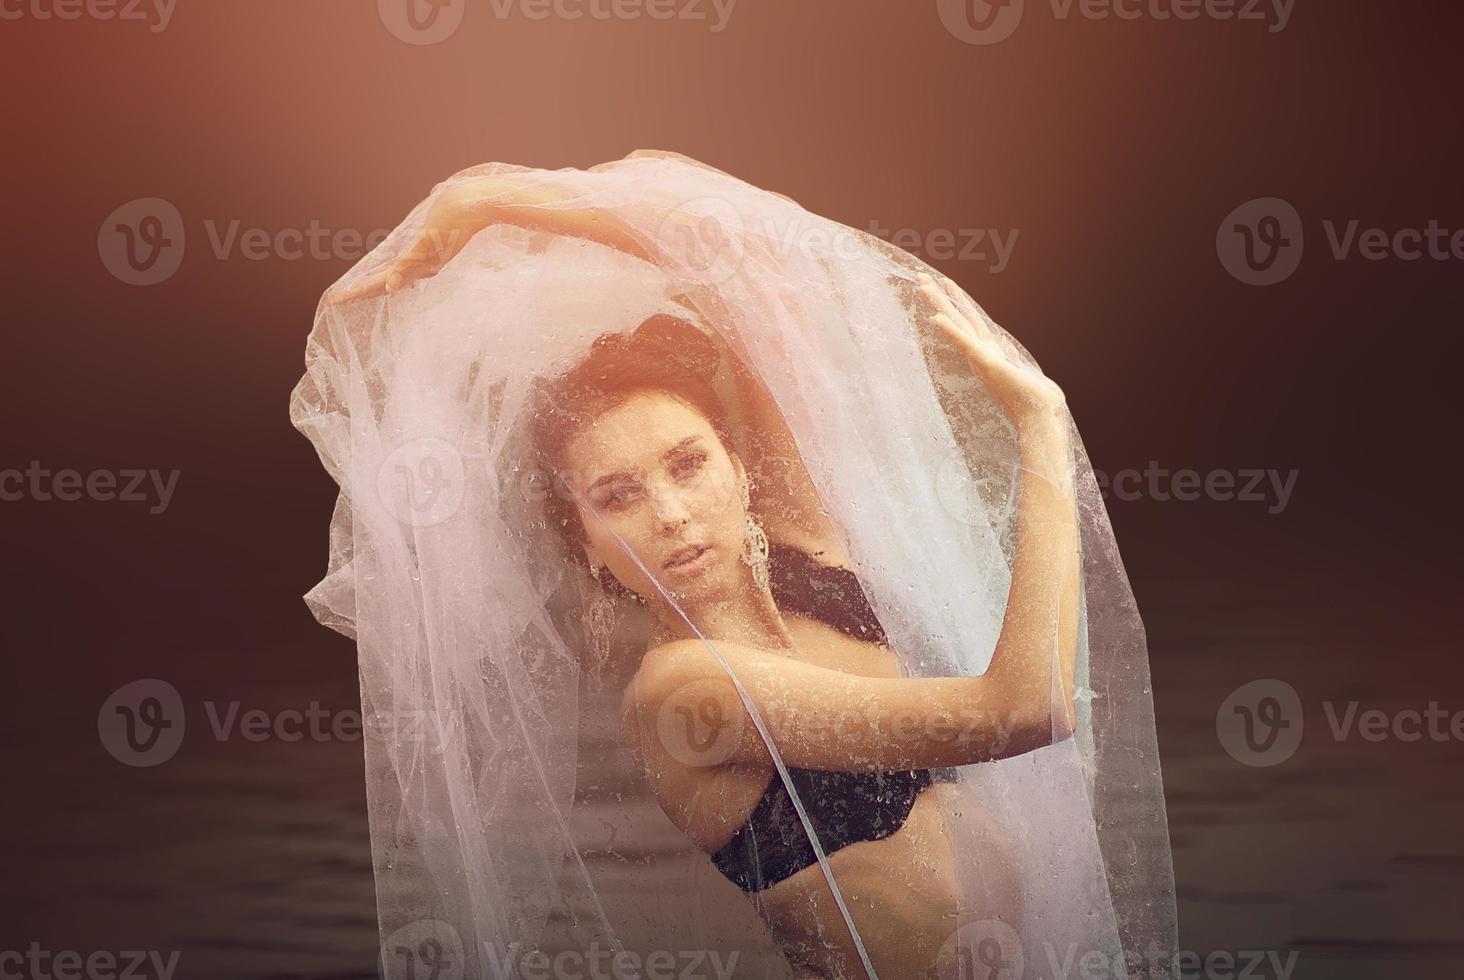 ritratto misterioso e alla moda di donna sensuale con rivestimento in velo foto